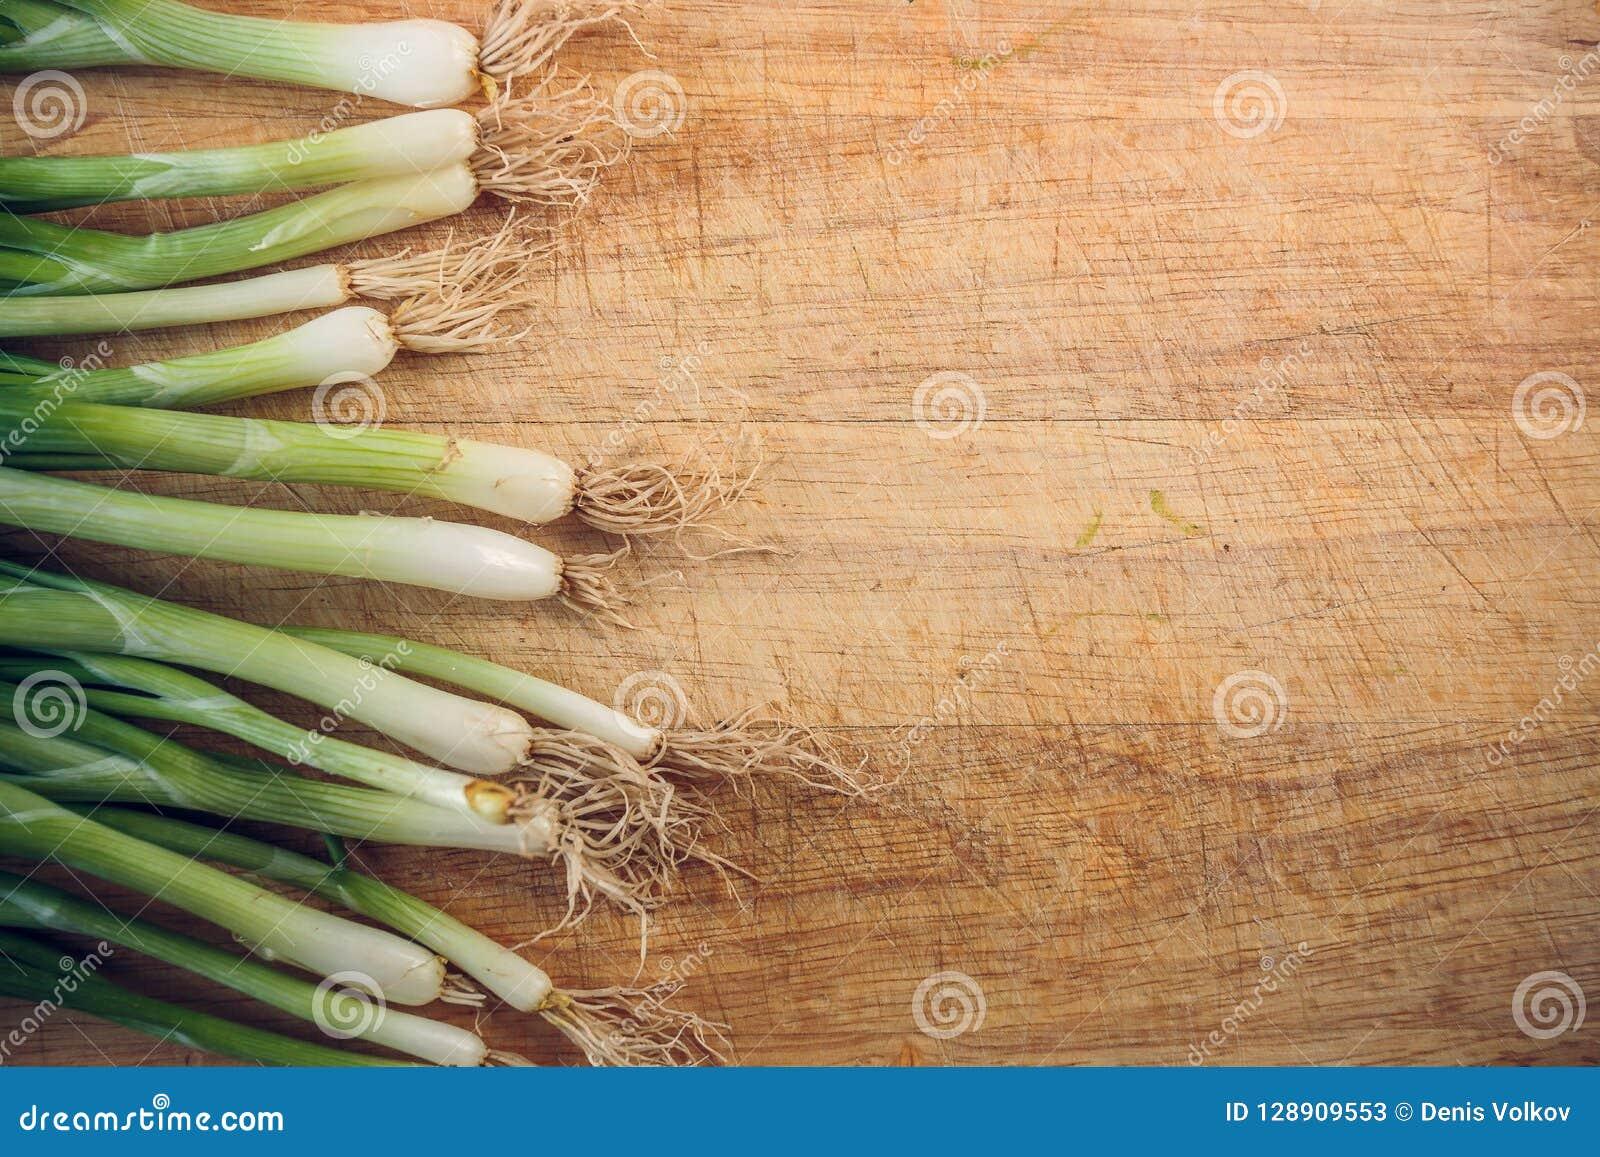 Cebolas verdes frescas que encontram-se em uma placa de desbastamento de madeira A vista da parte superior